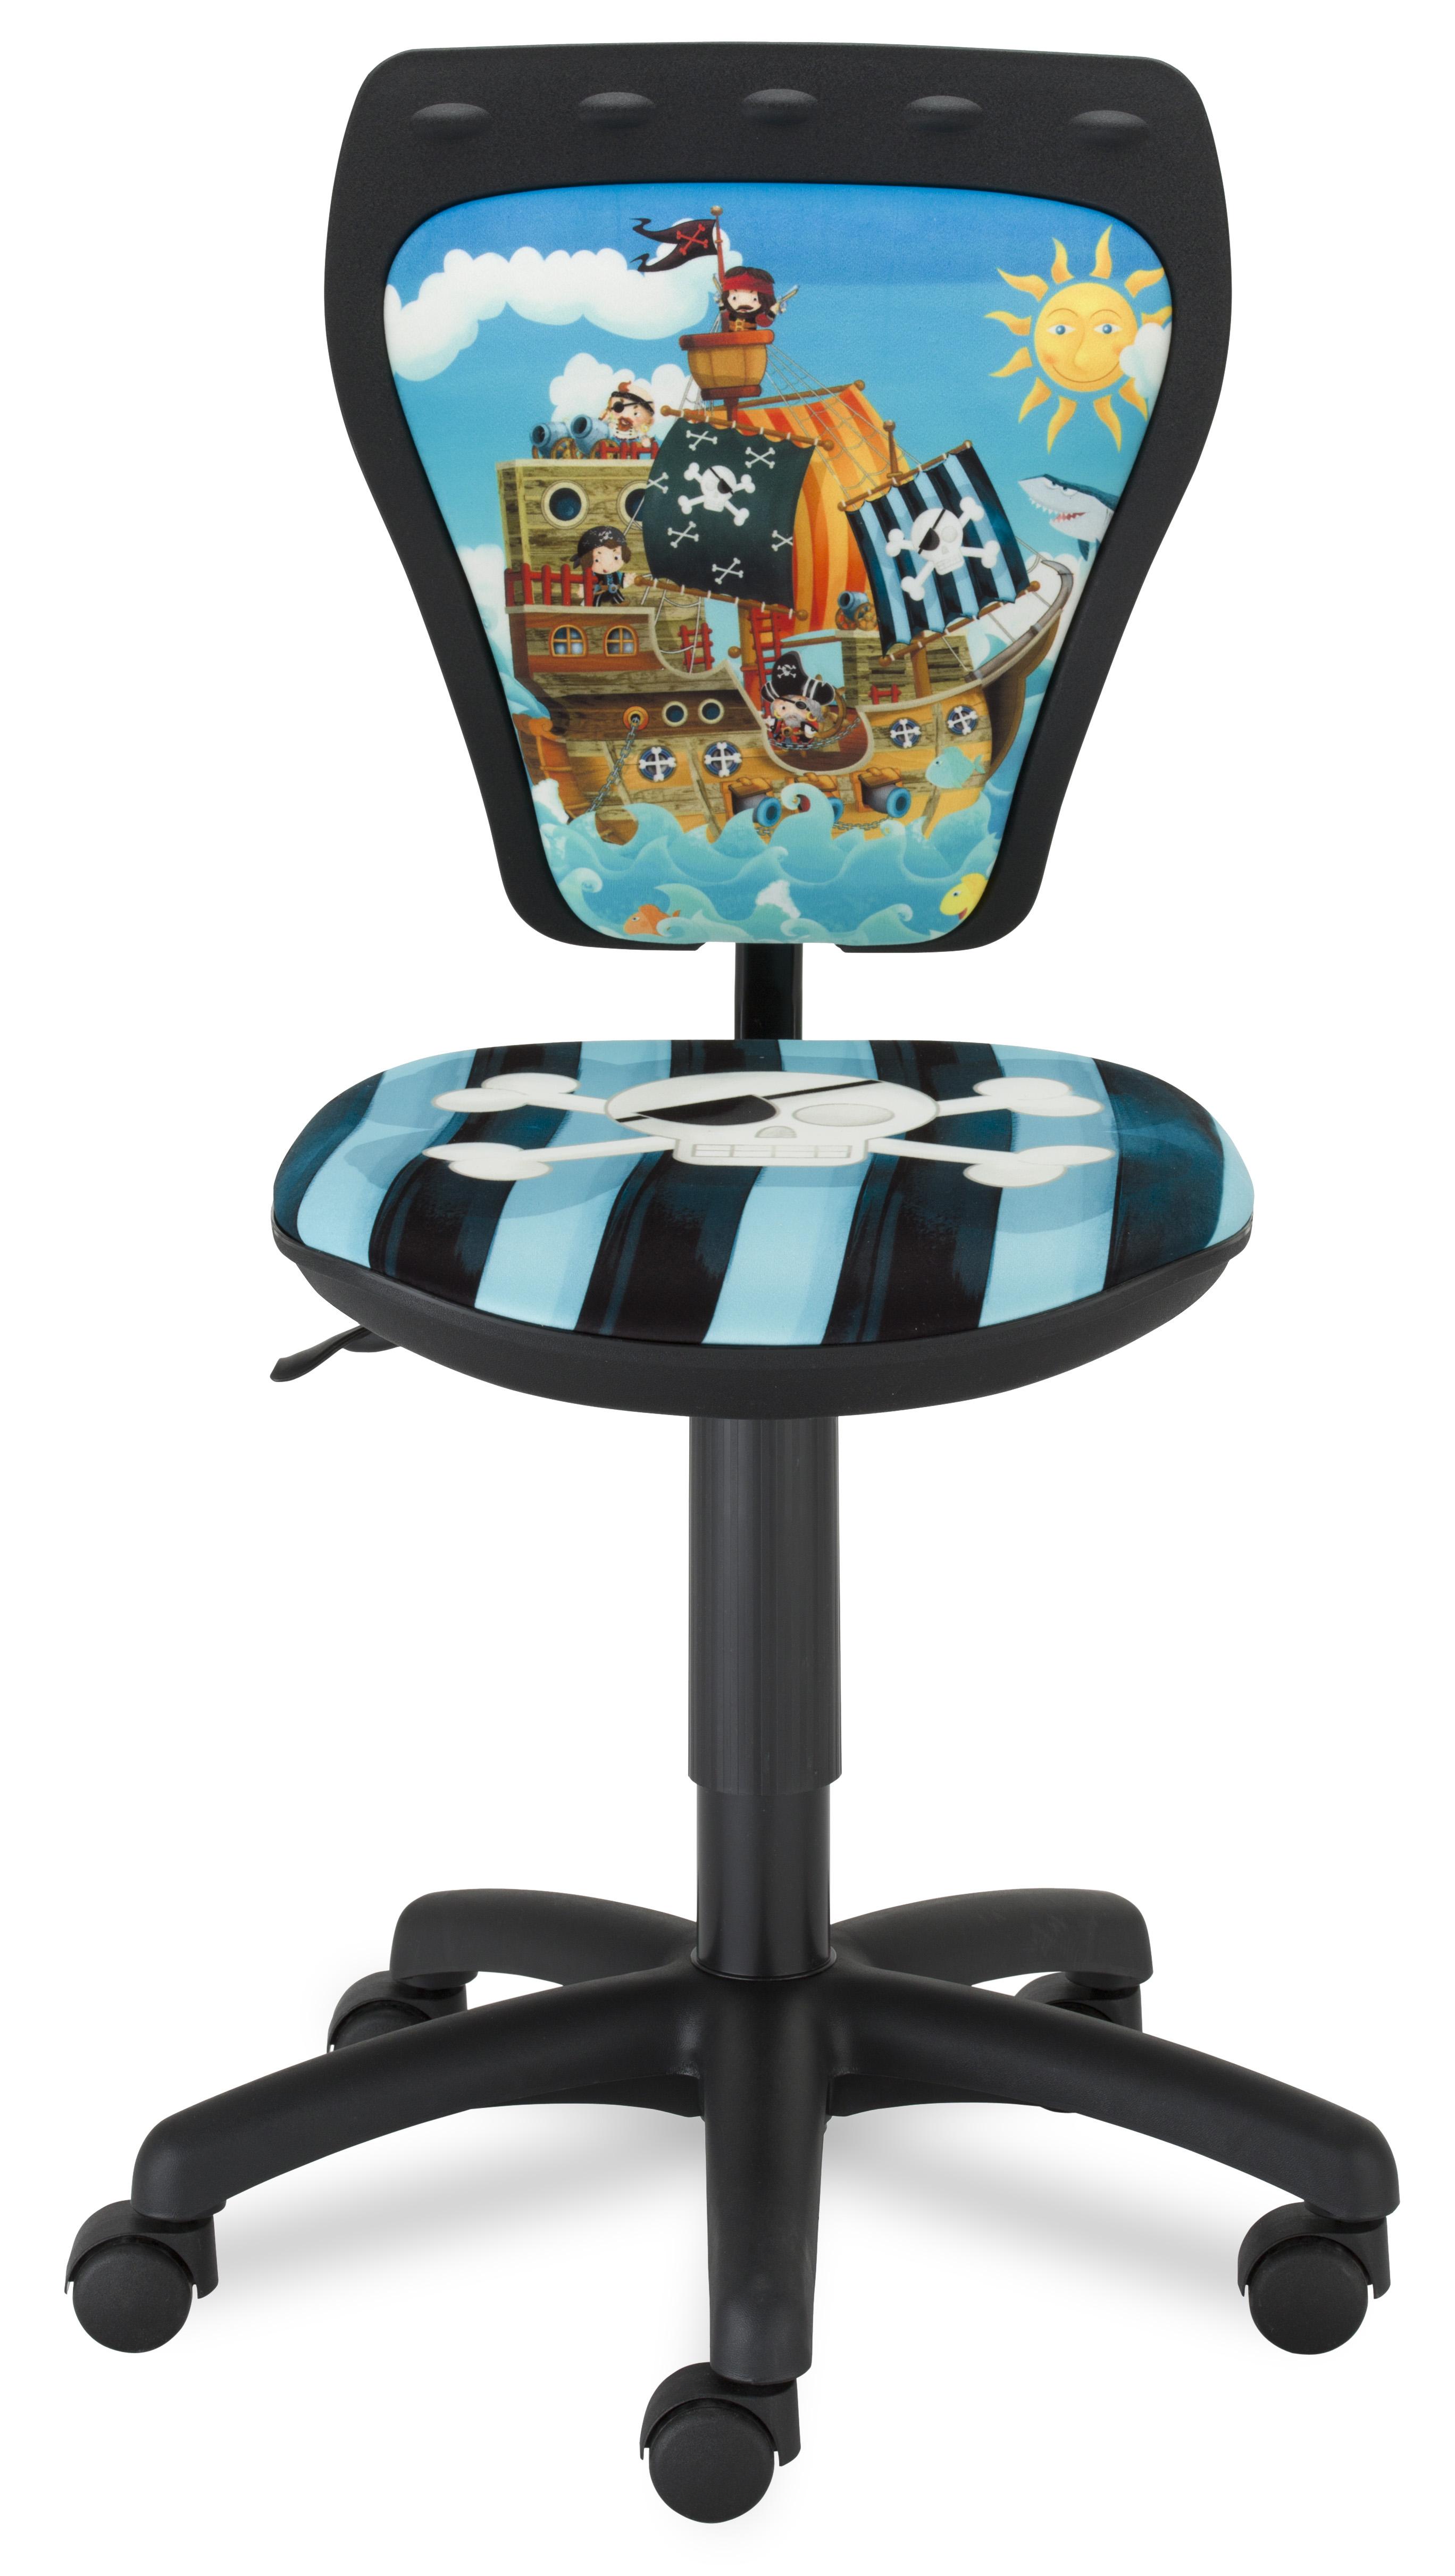 kinderdrehstuhl ministyle sale sortiment pack zu m bel sb und k chen discount. Black Bedroom Furniture Sets. Home Design Ideas